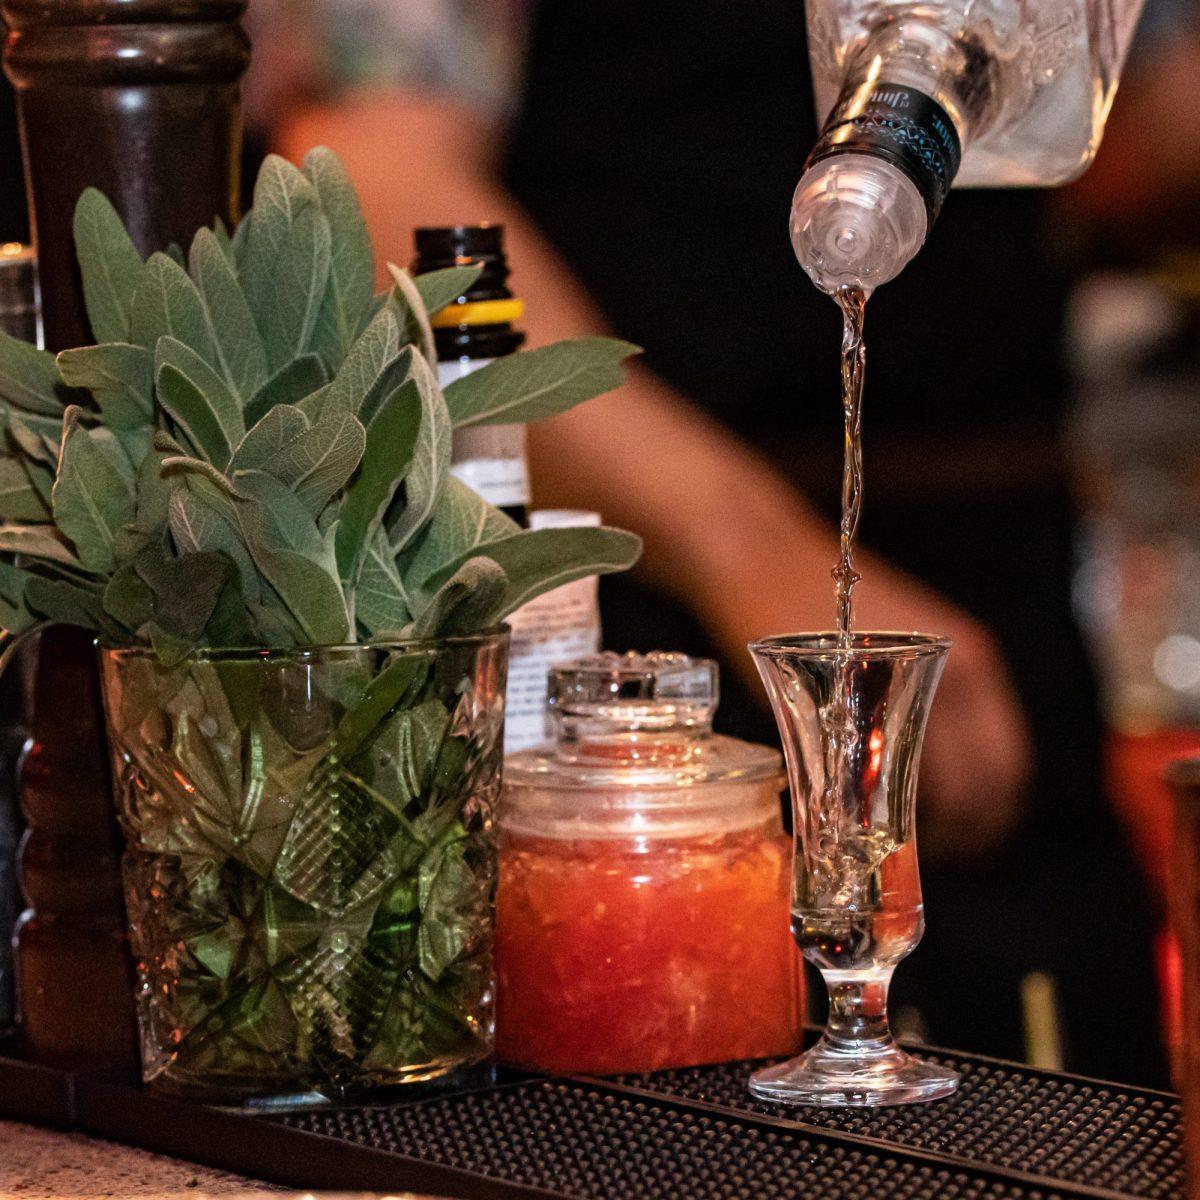 מזיגה של אלכוהול לכוס קטנה על הבר - Alcohol being poured into a shot glass at the bar